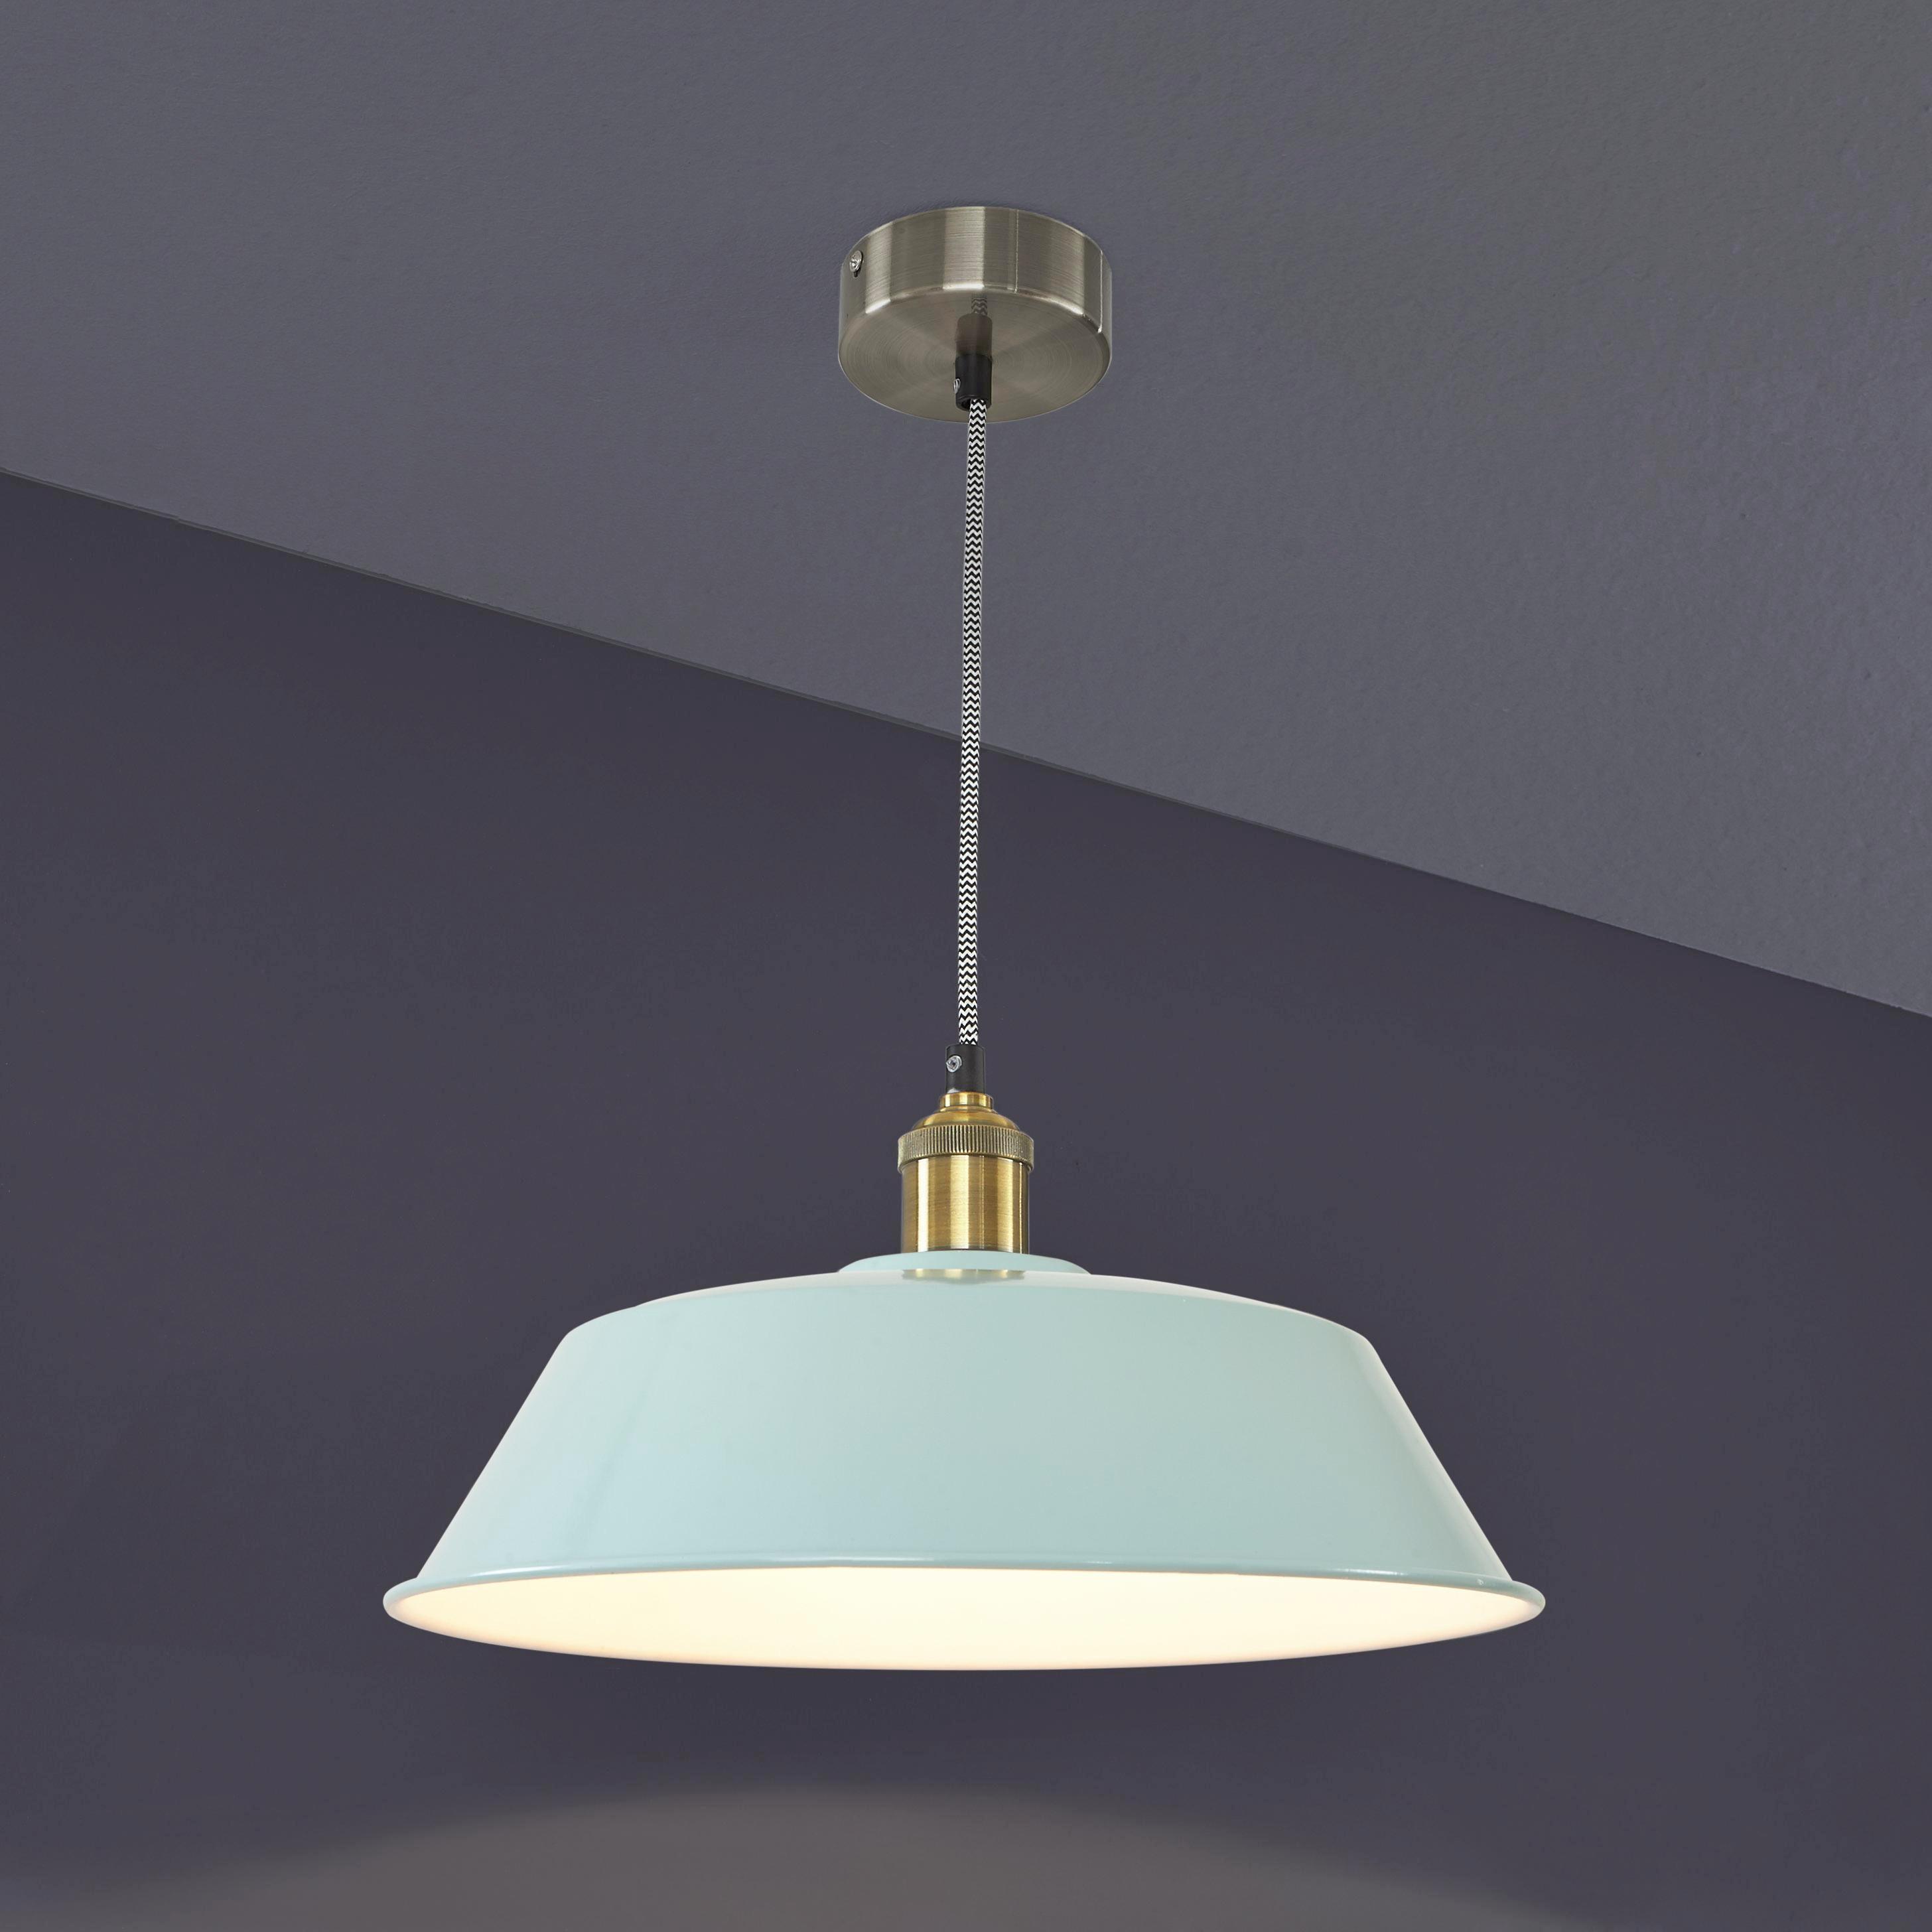 Leuchtenschirm Felix in Mintgrün - Mintgrün, Metall (36/36/18cm) - MÖMAX modern living